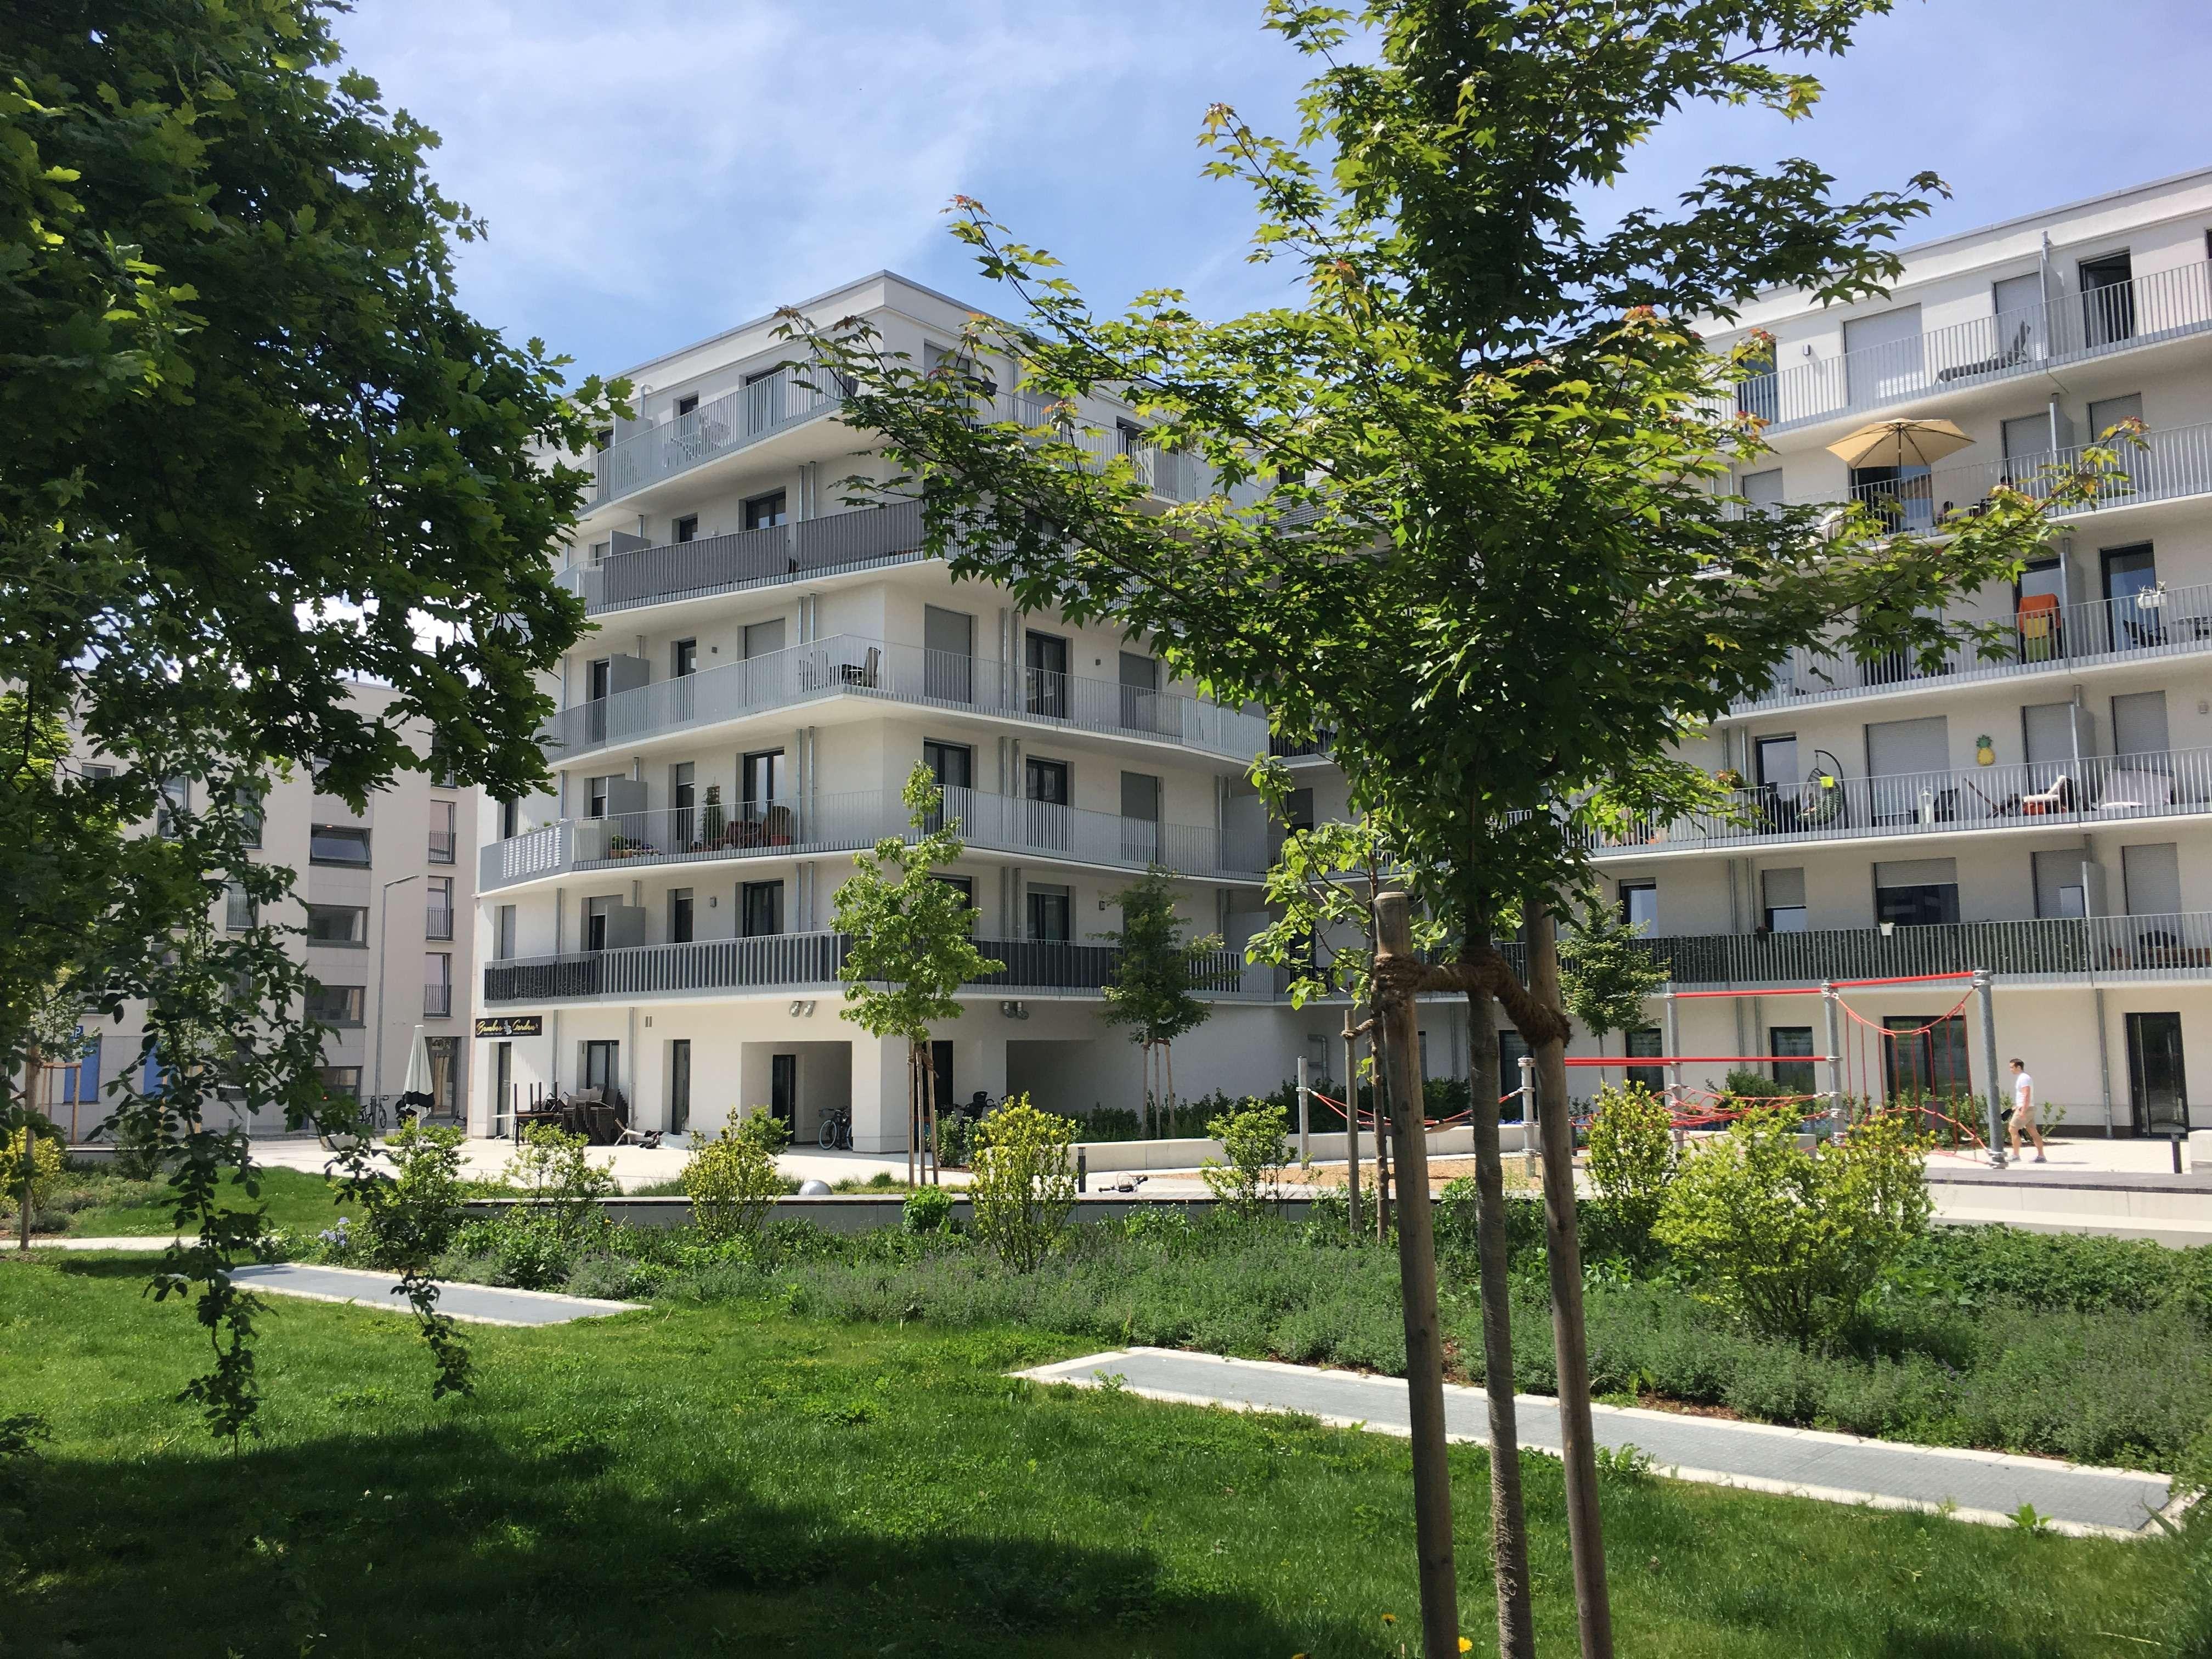 Neubau 3-Zimmer-Wohnung mit großem Balkon und EBK in Schwabing in Schwabing (München)